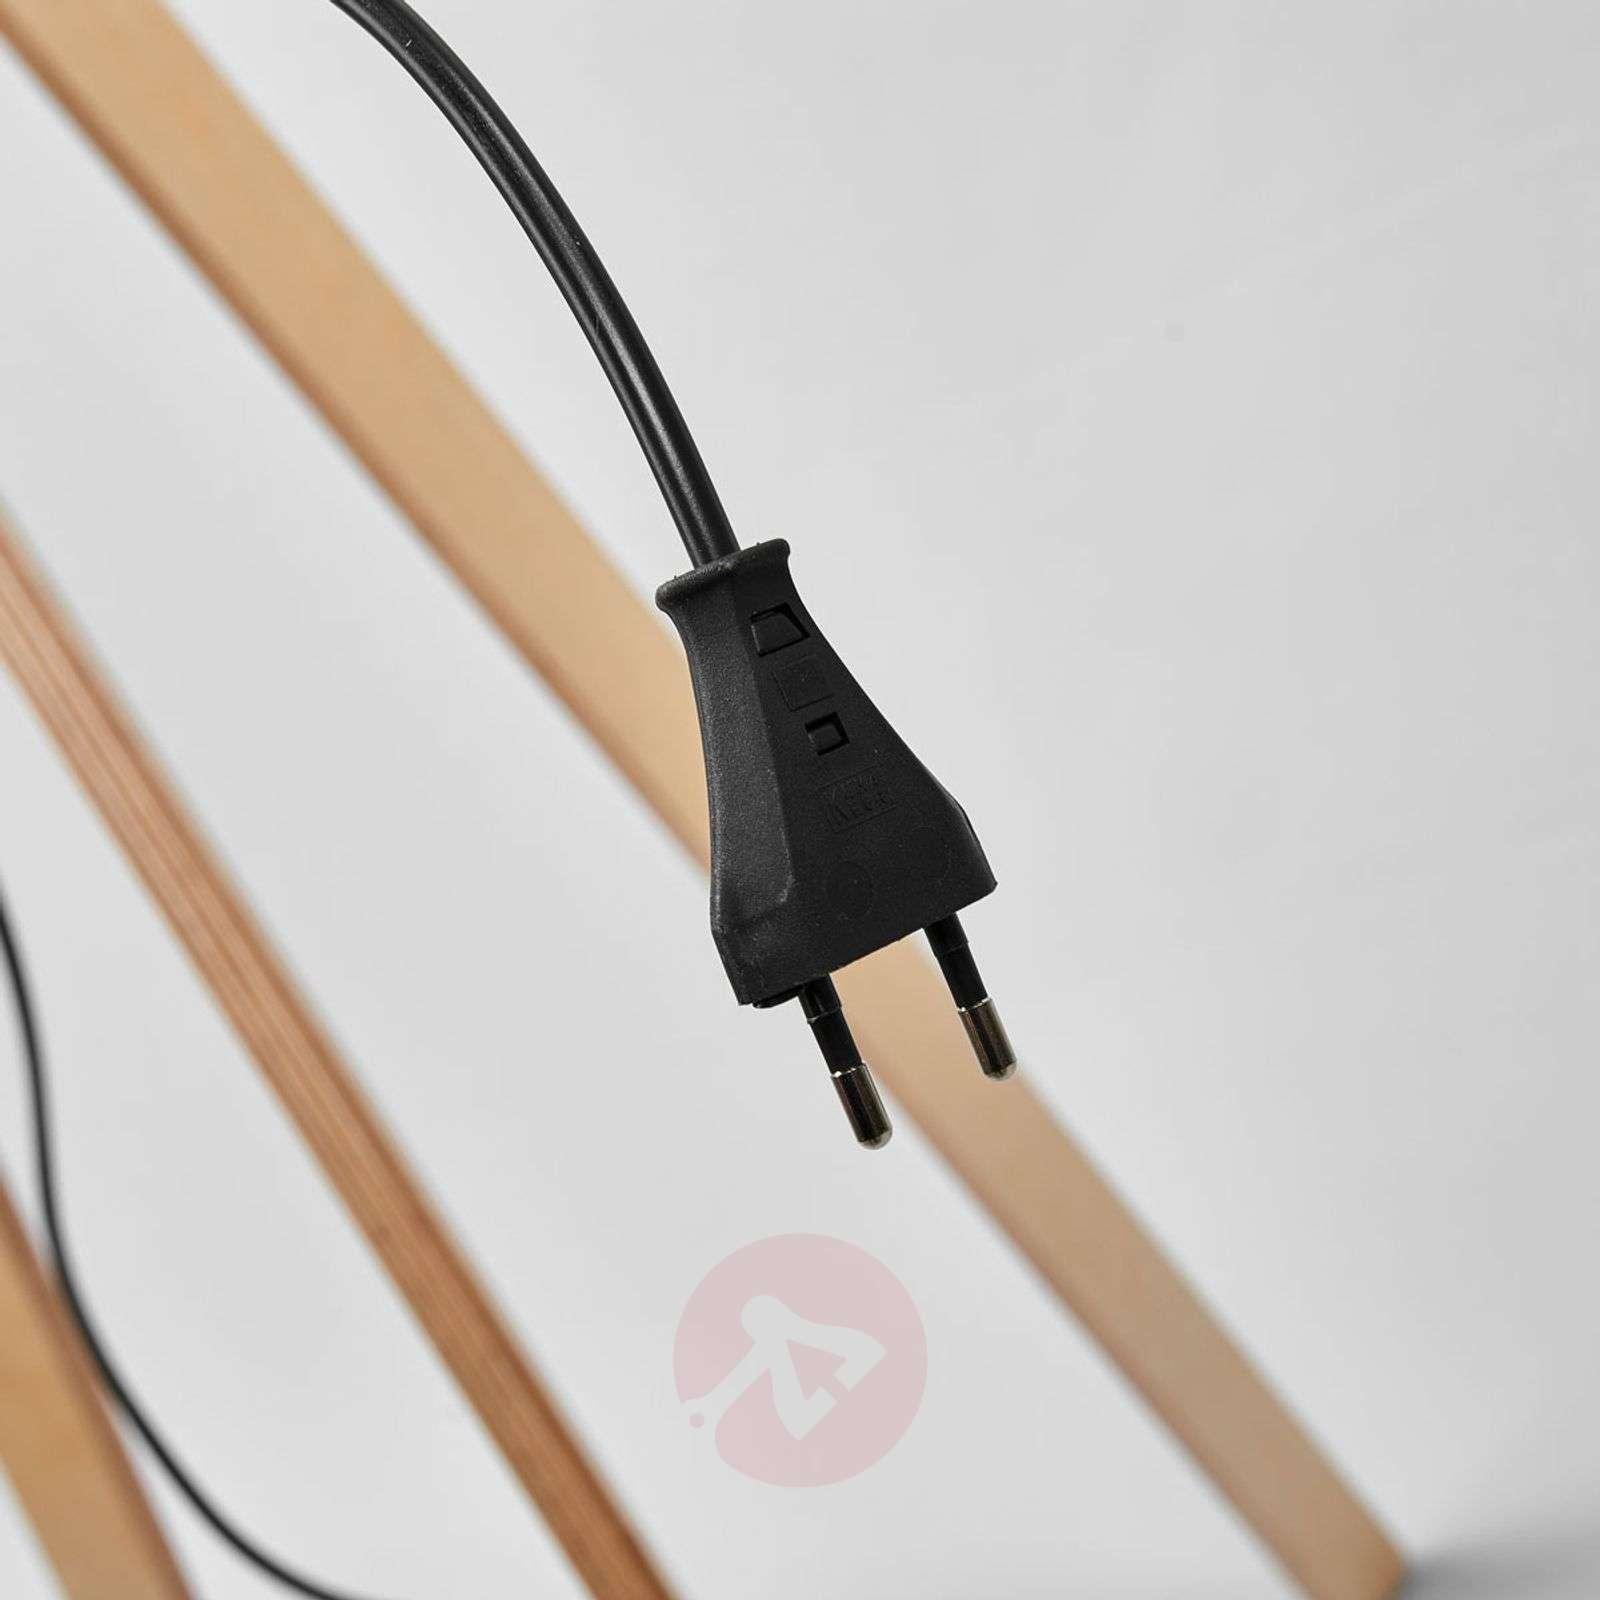 Harmaa huopavarjostin puinen Thea-lattiavalaisin-6722430-01